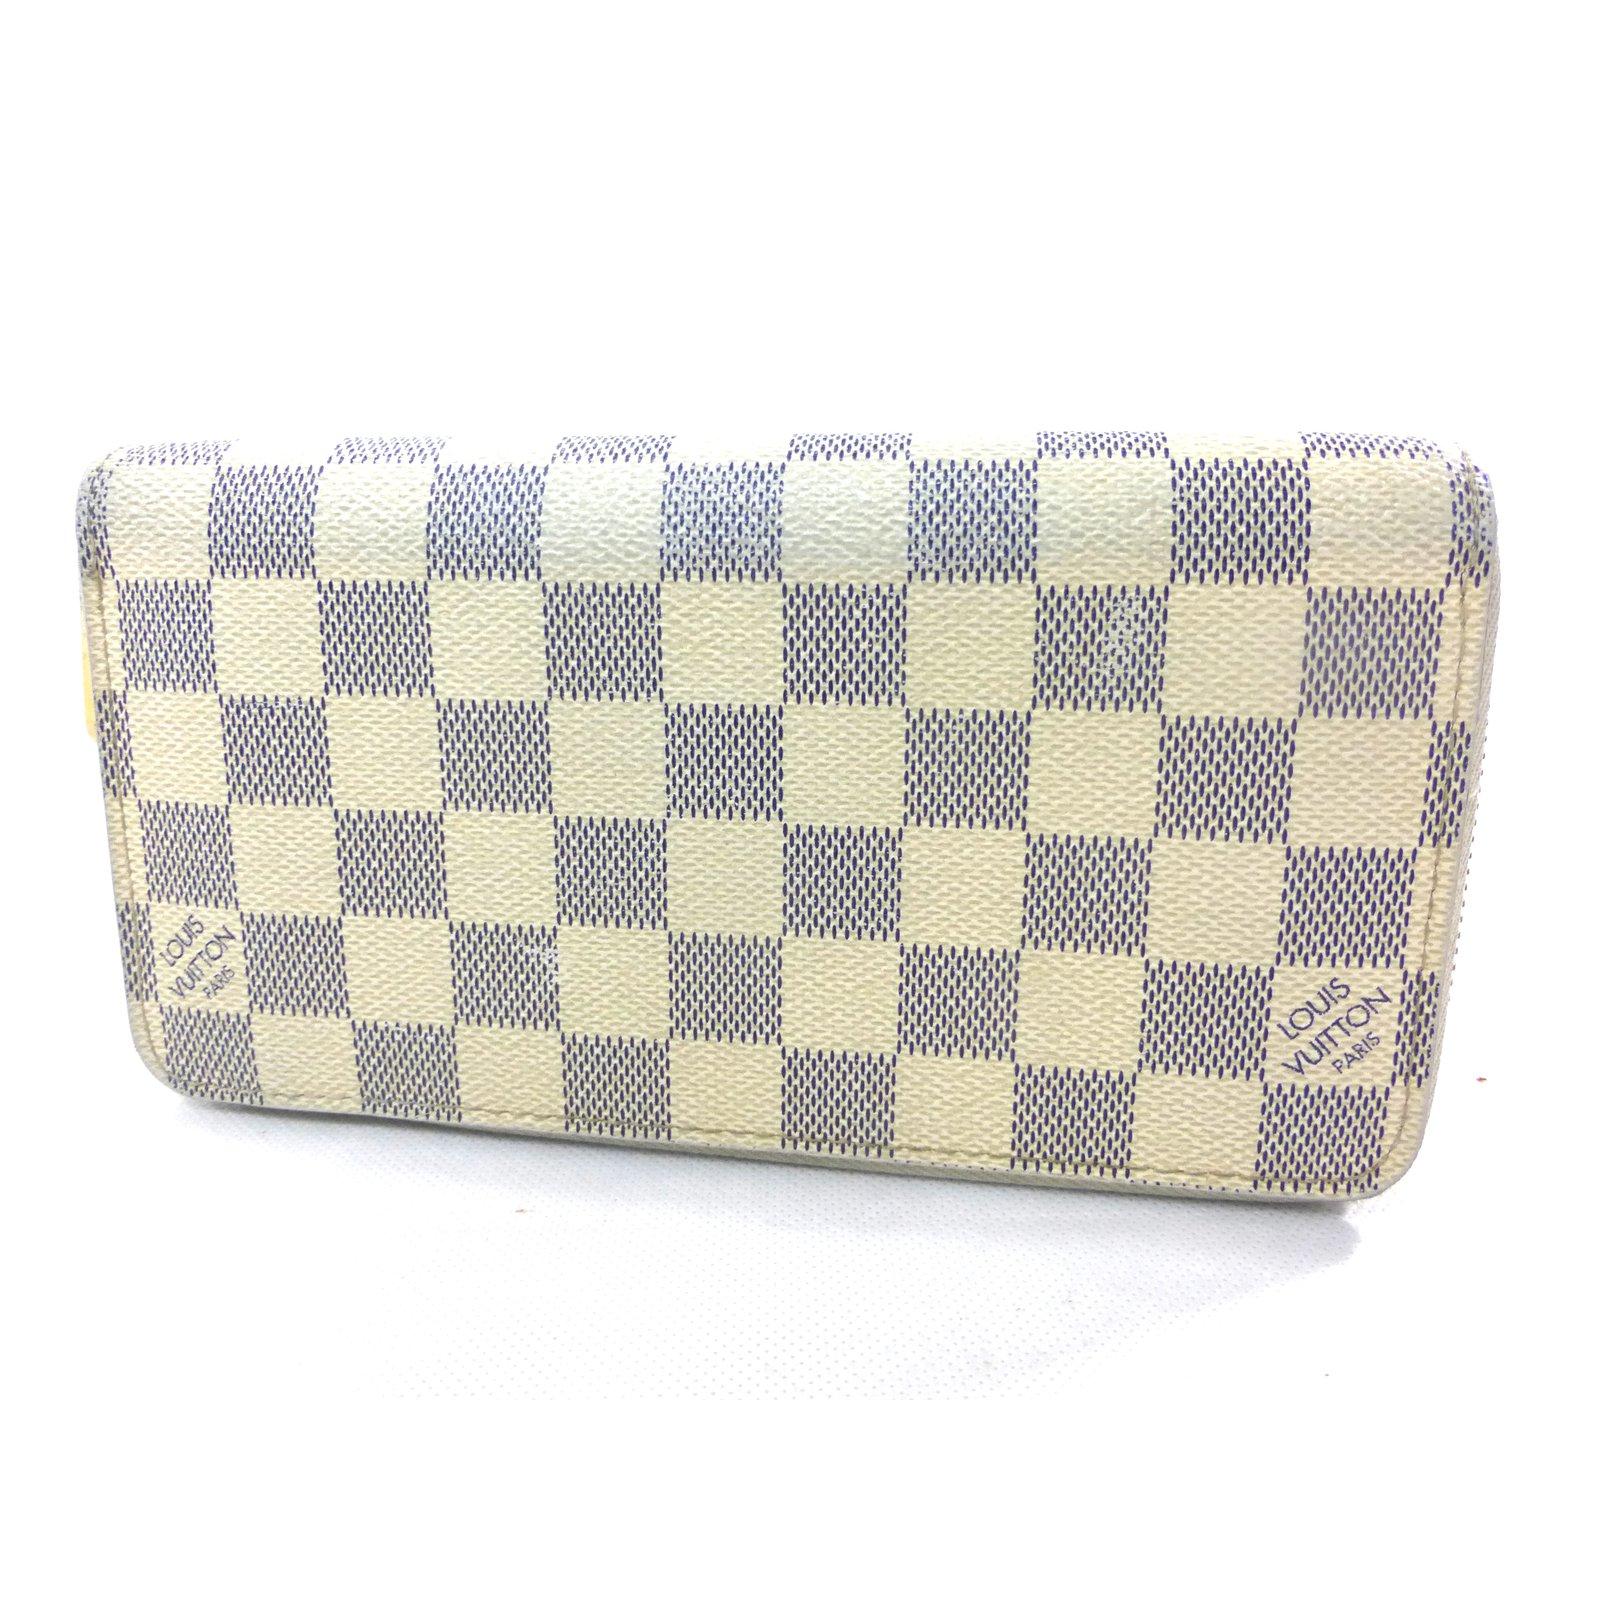 3a7fad381b0d Louis Vuitton Zippy damier azur wallet Purses